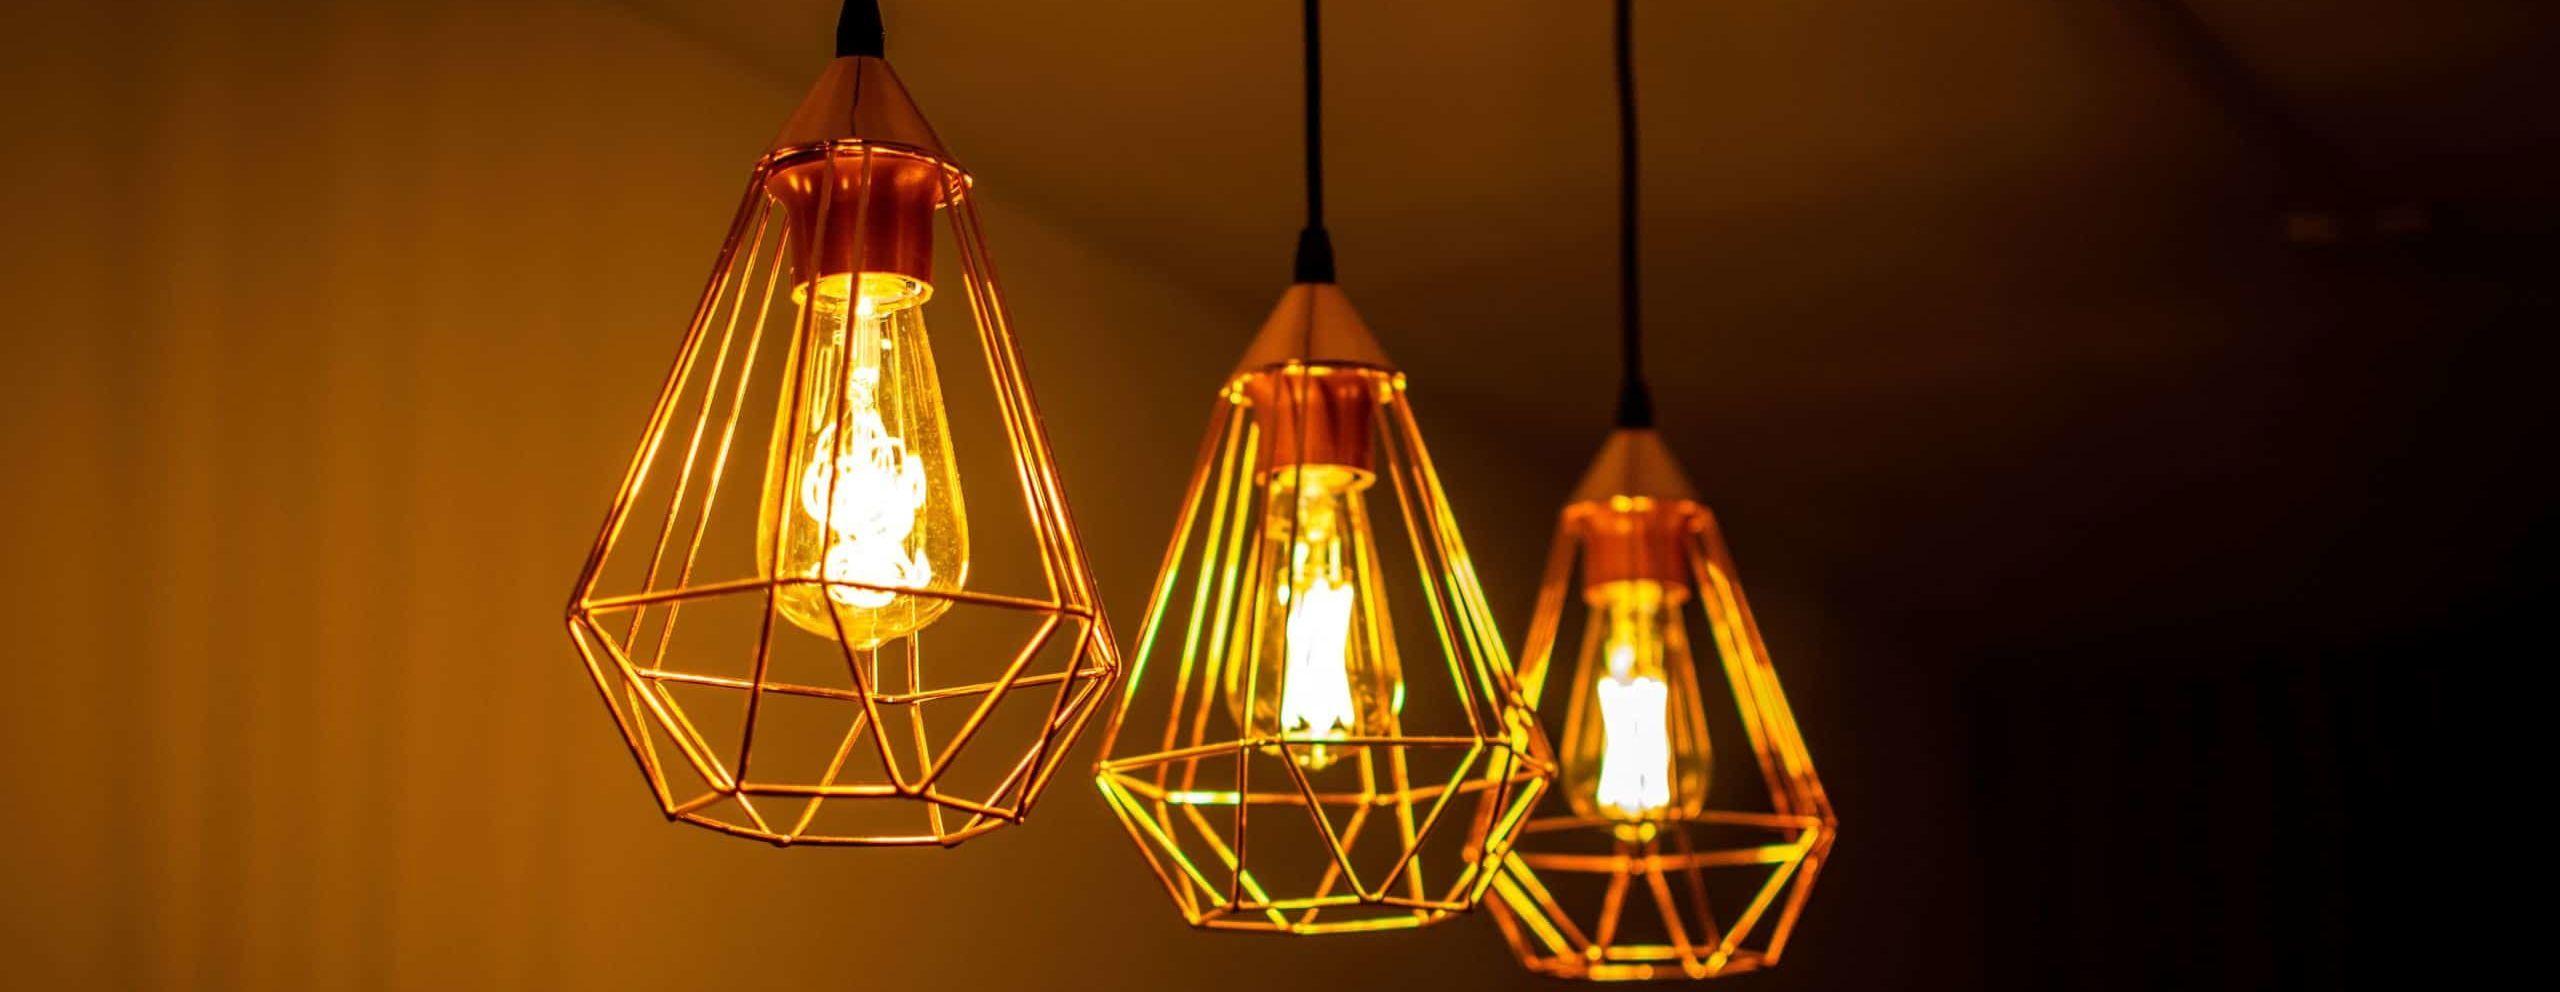 Wettbewerbliche Ausschreibungen zum Stromsparen: Start der Ausschreibung 2021